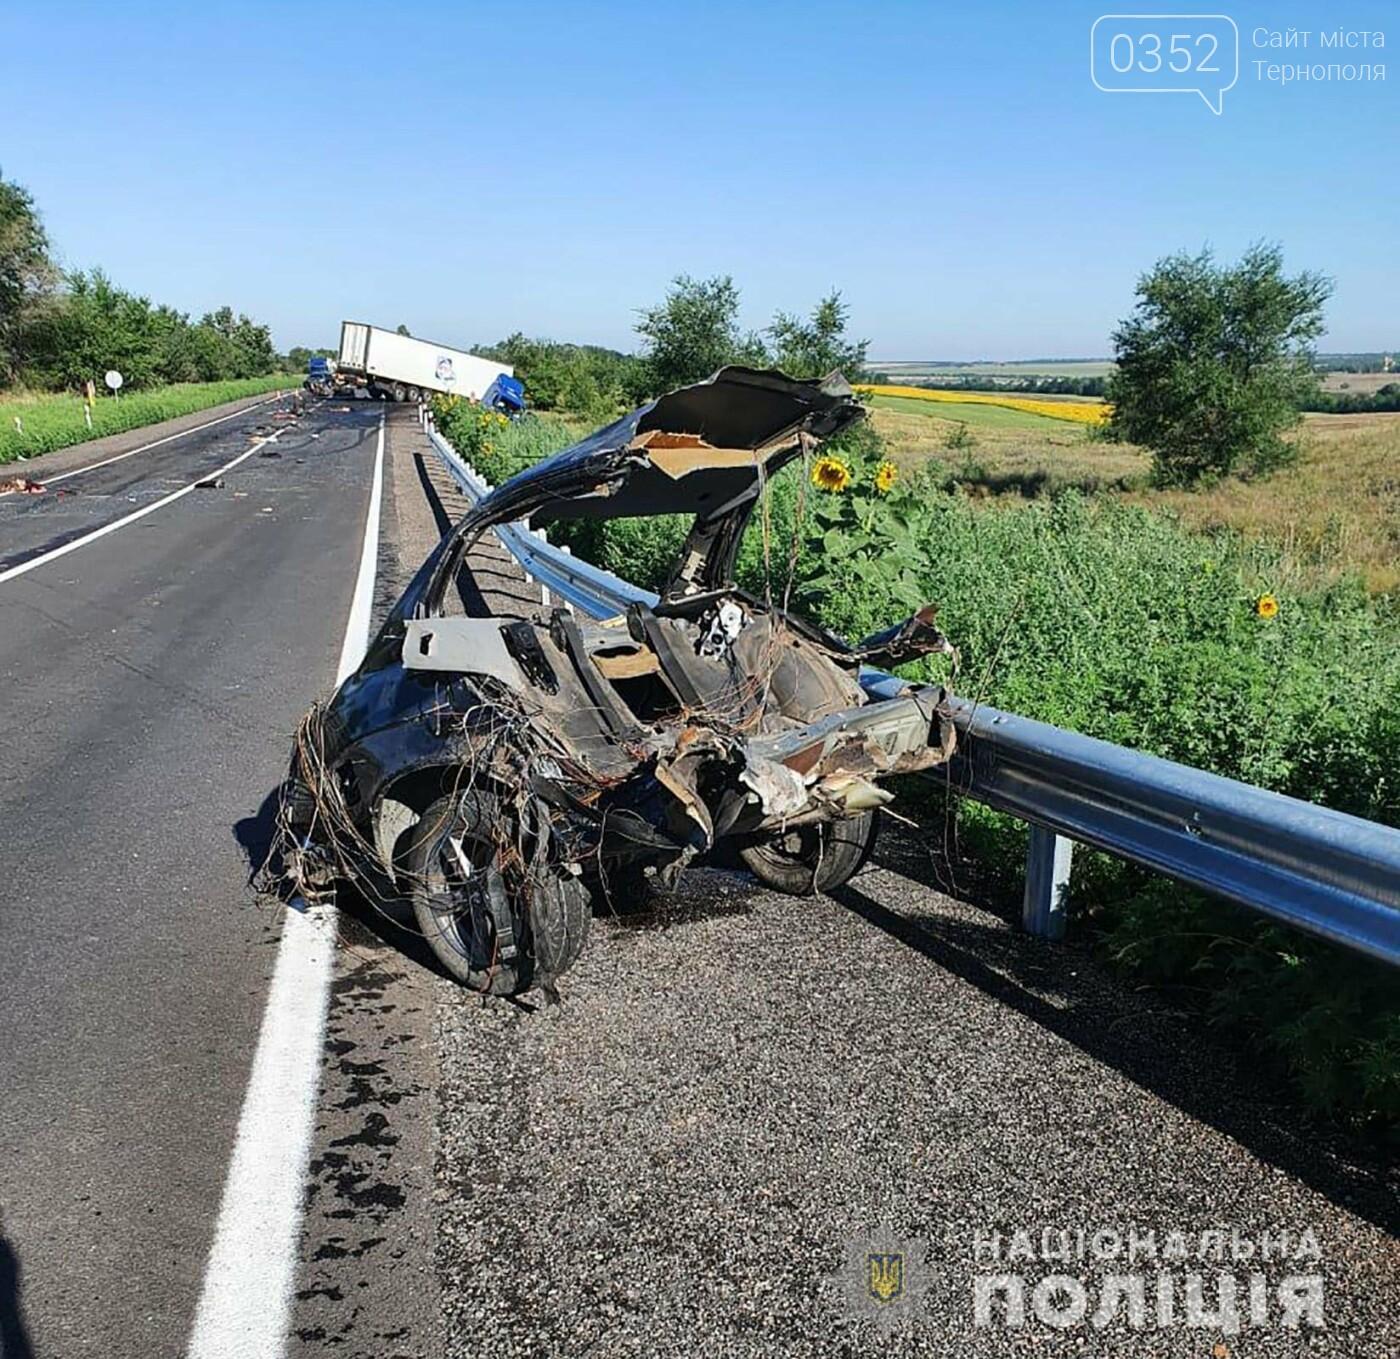 Смертельна ДТП: потрощене авто та четверо загиблих (ФОТО, ВІДЕО), фото-1